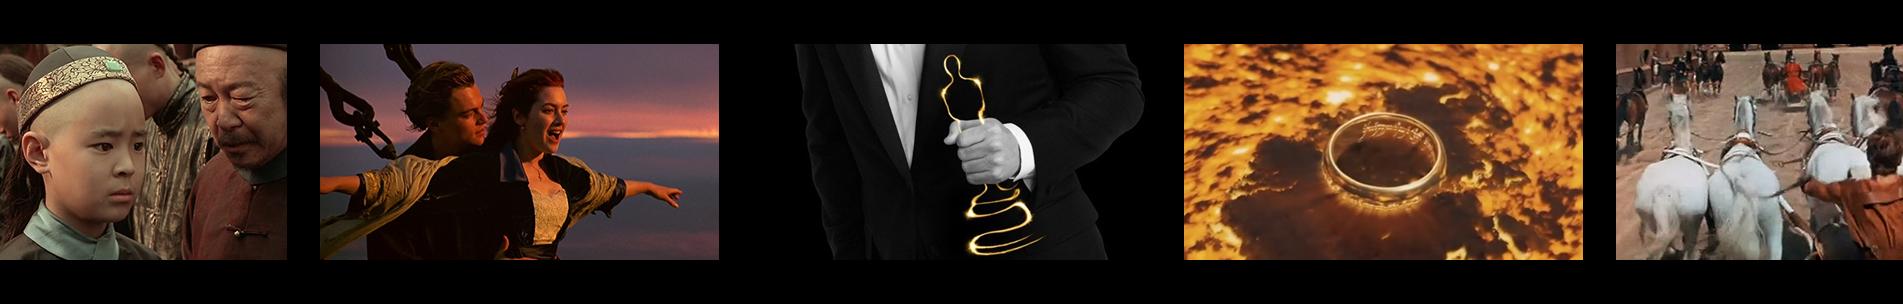 Pellicule, Les Oscars